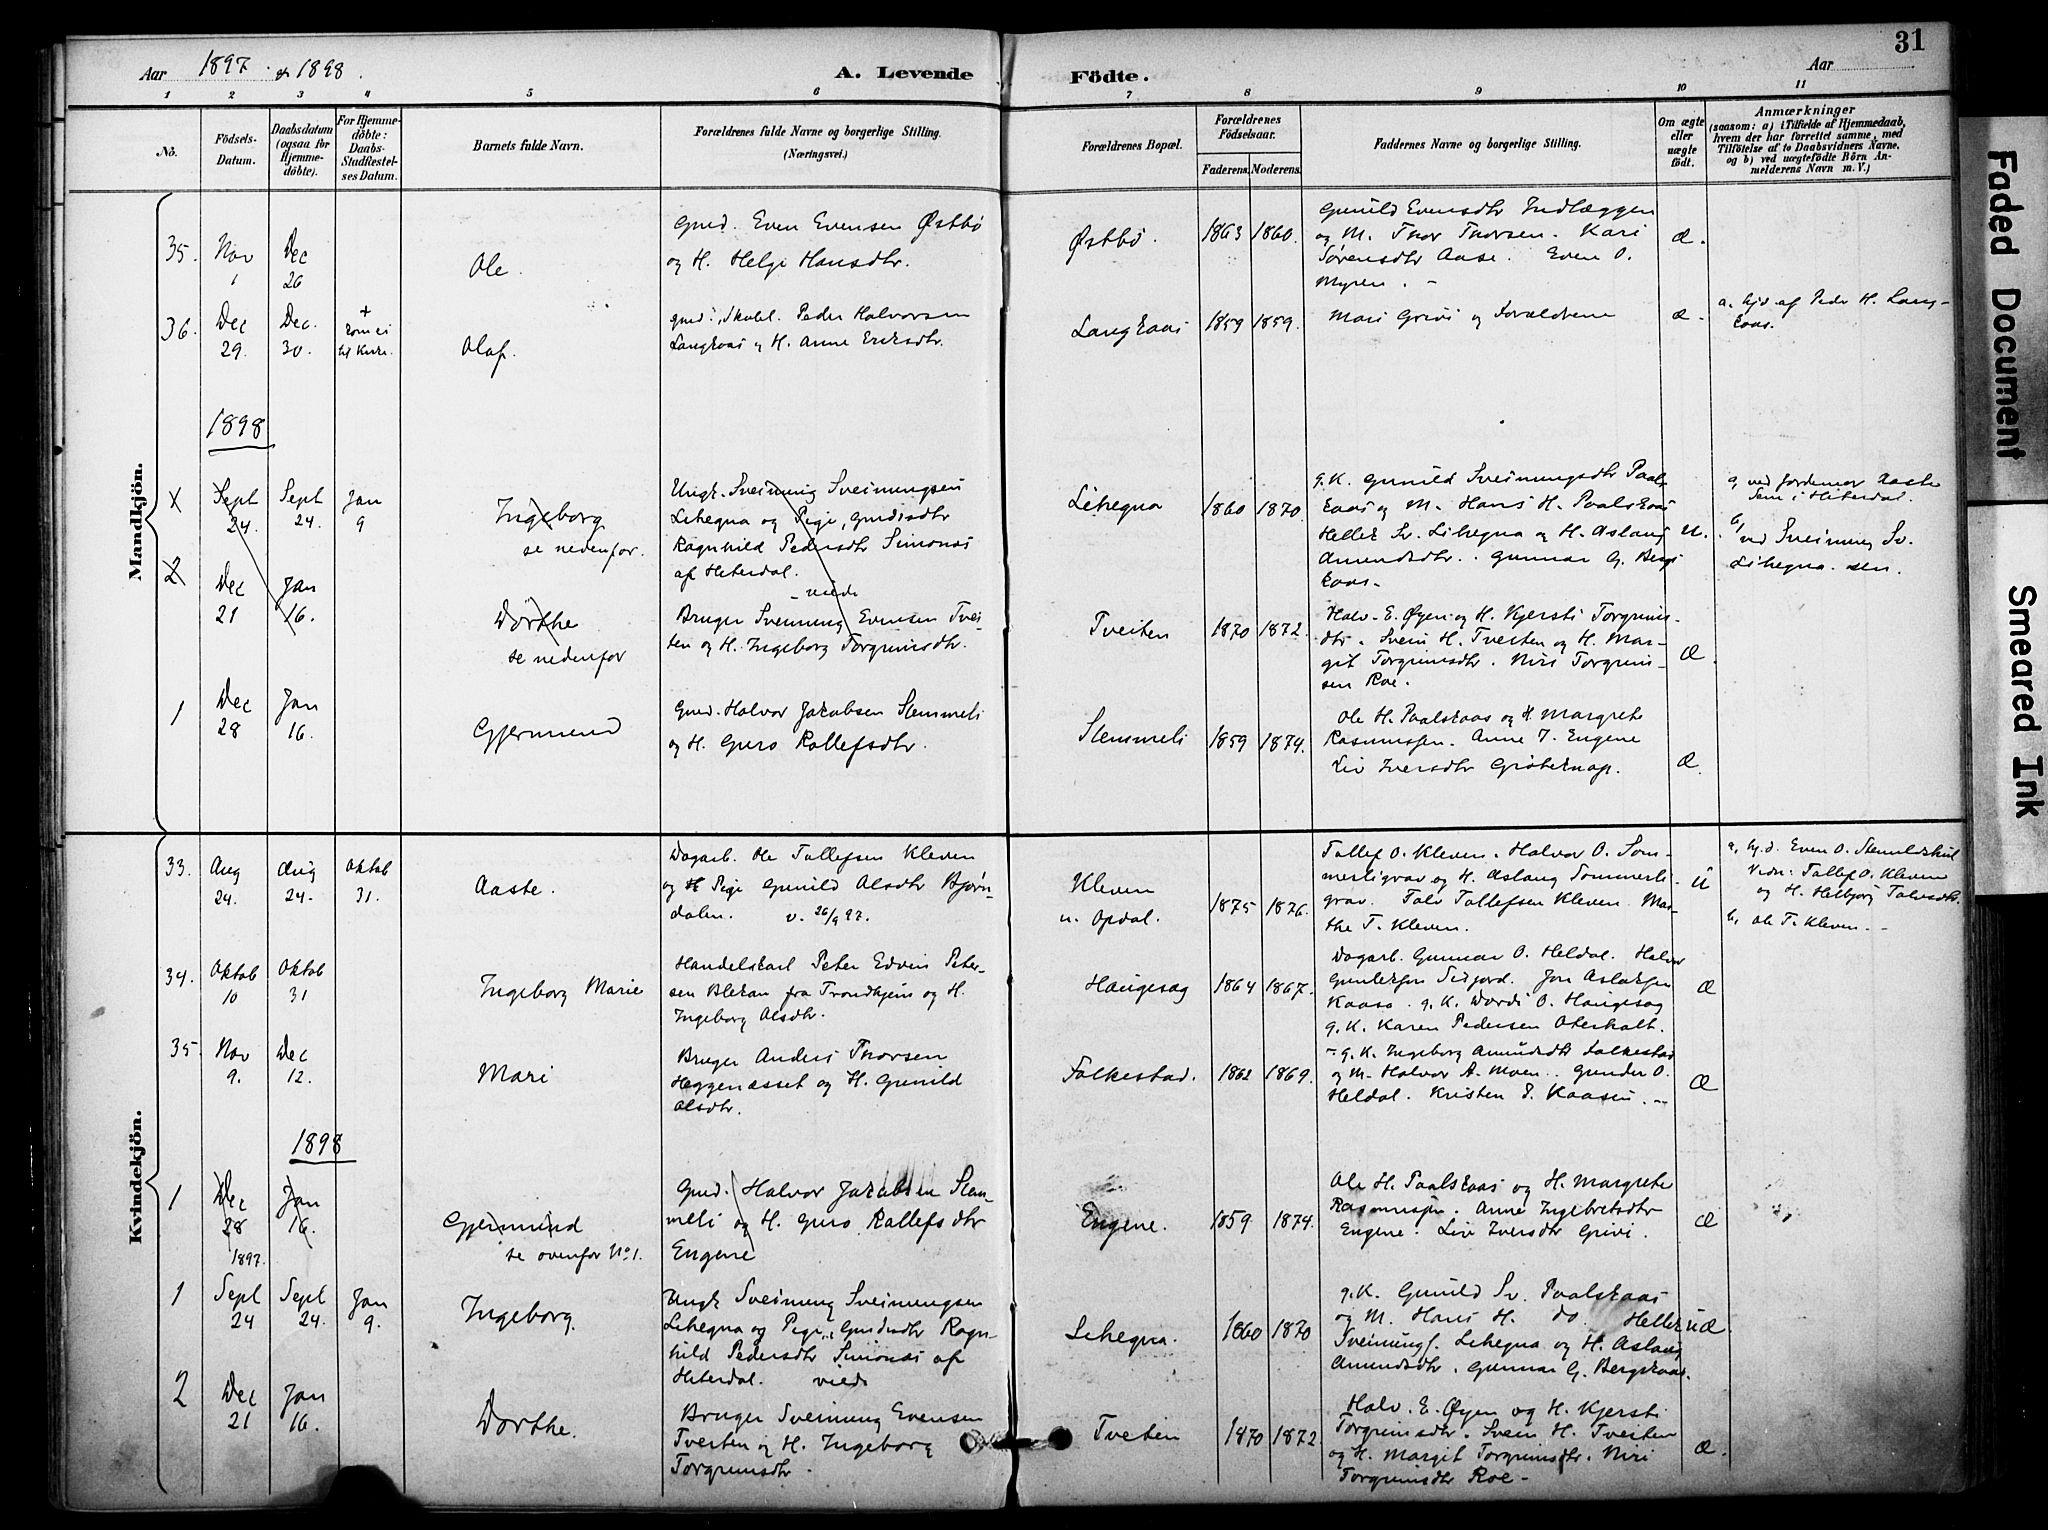 SAKO, Bø kirkebøker, F/Fa/L0011: Ministerialbok nr. 11, 1892-1900, s. 31